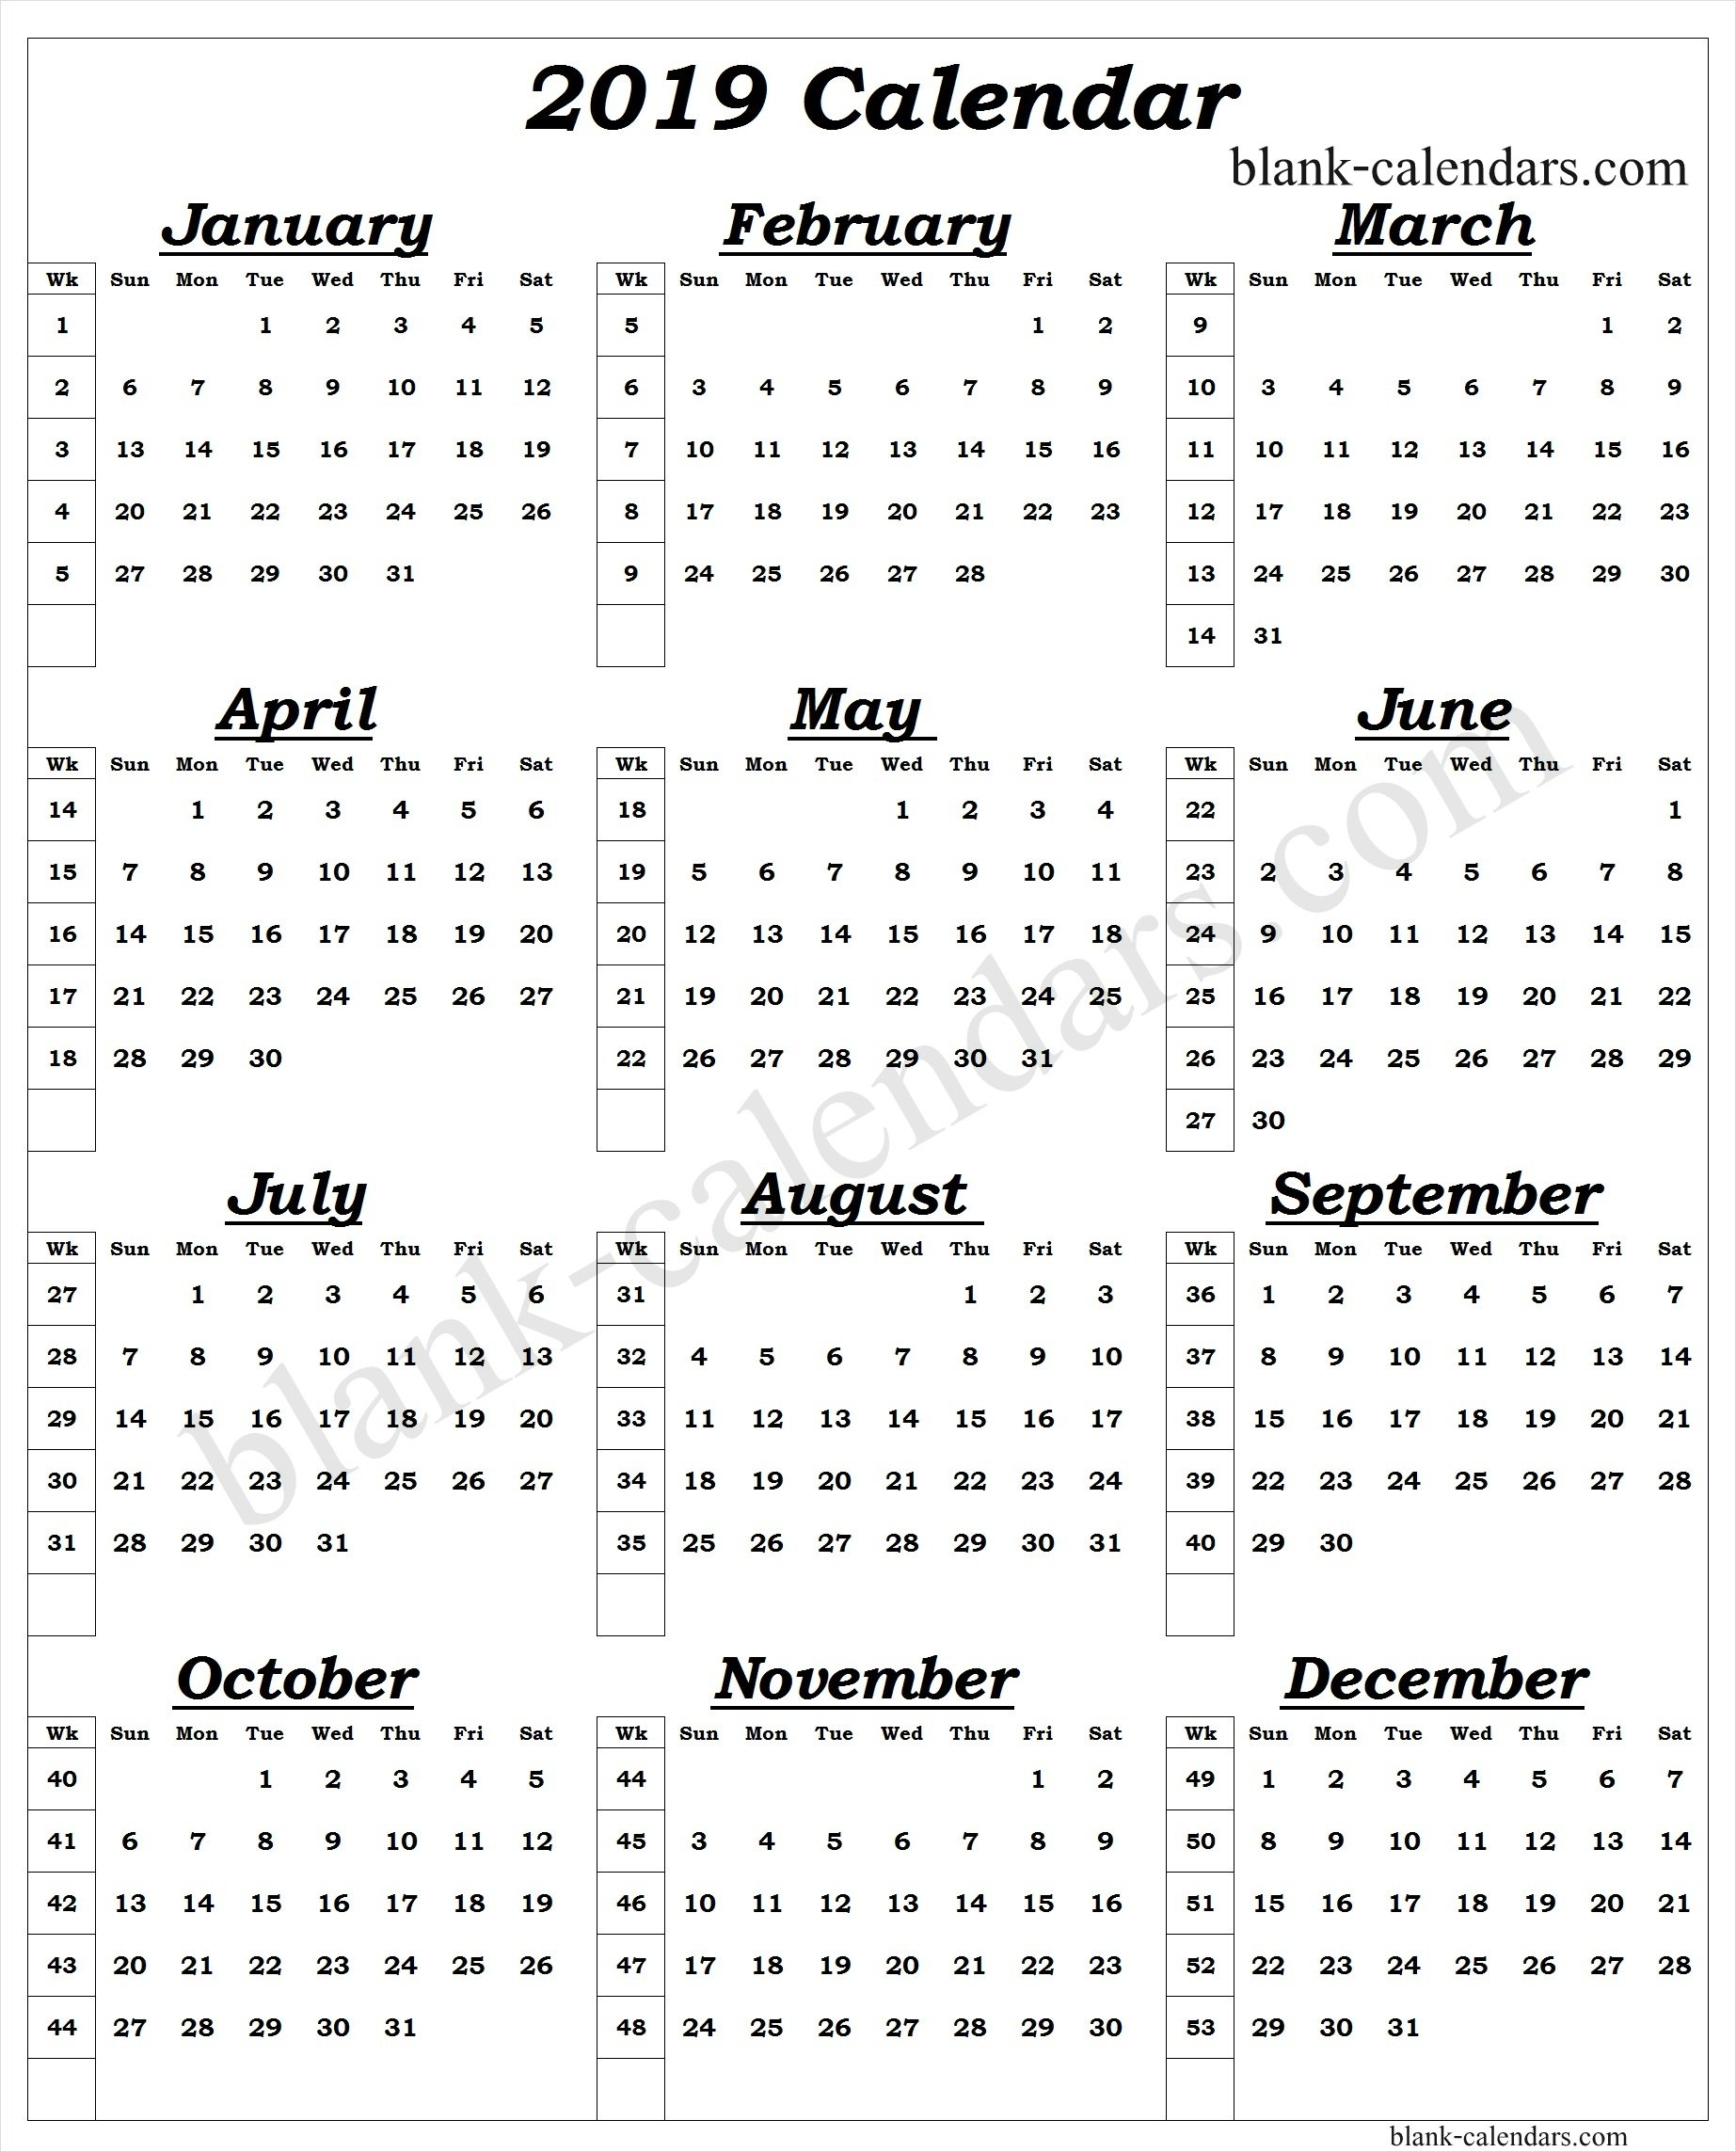 Year Calendar 2019 With Week Numbers (1) - Print Blank Calendar Template Calendar 2019 Numbered Weeks